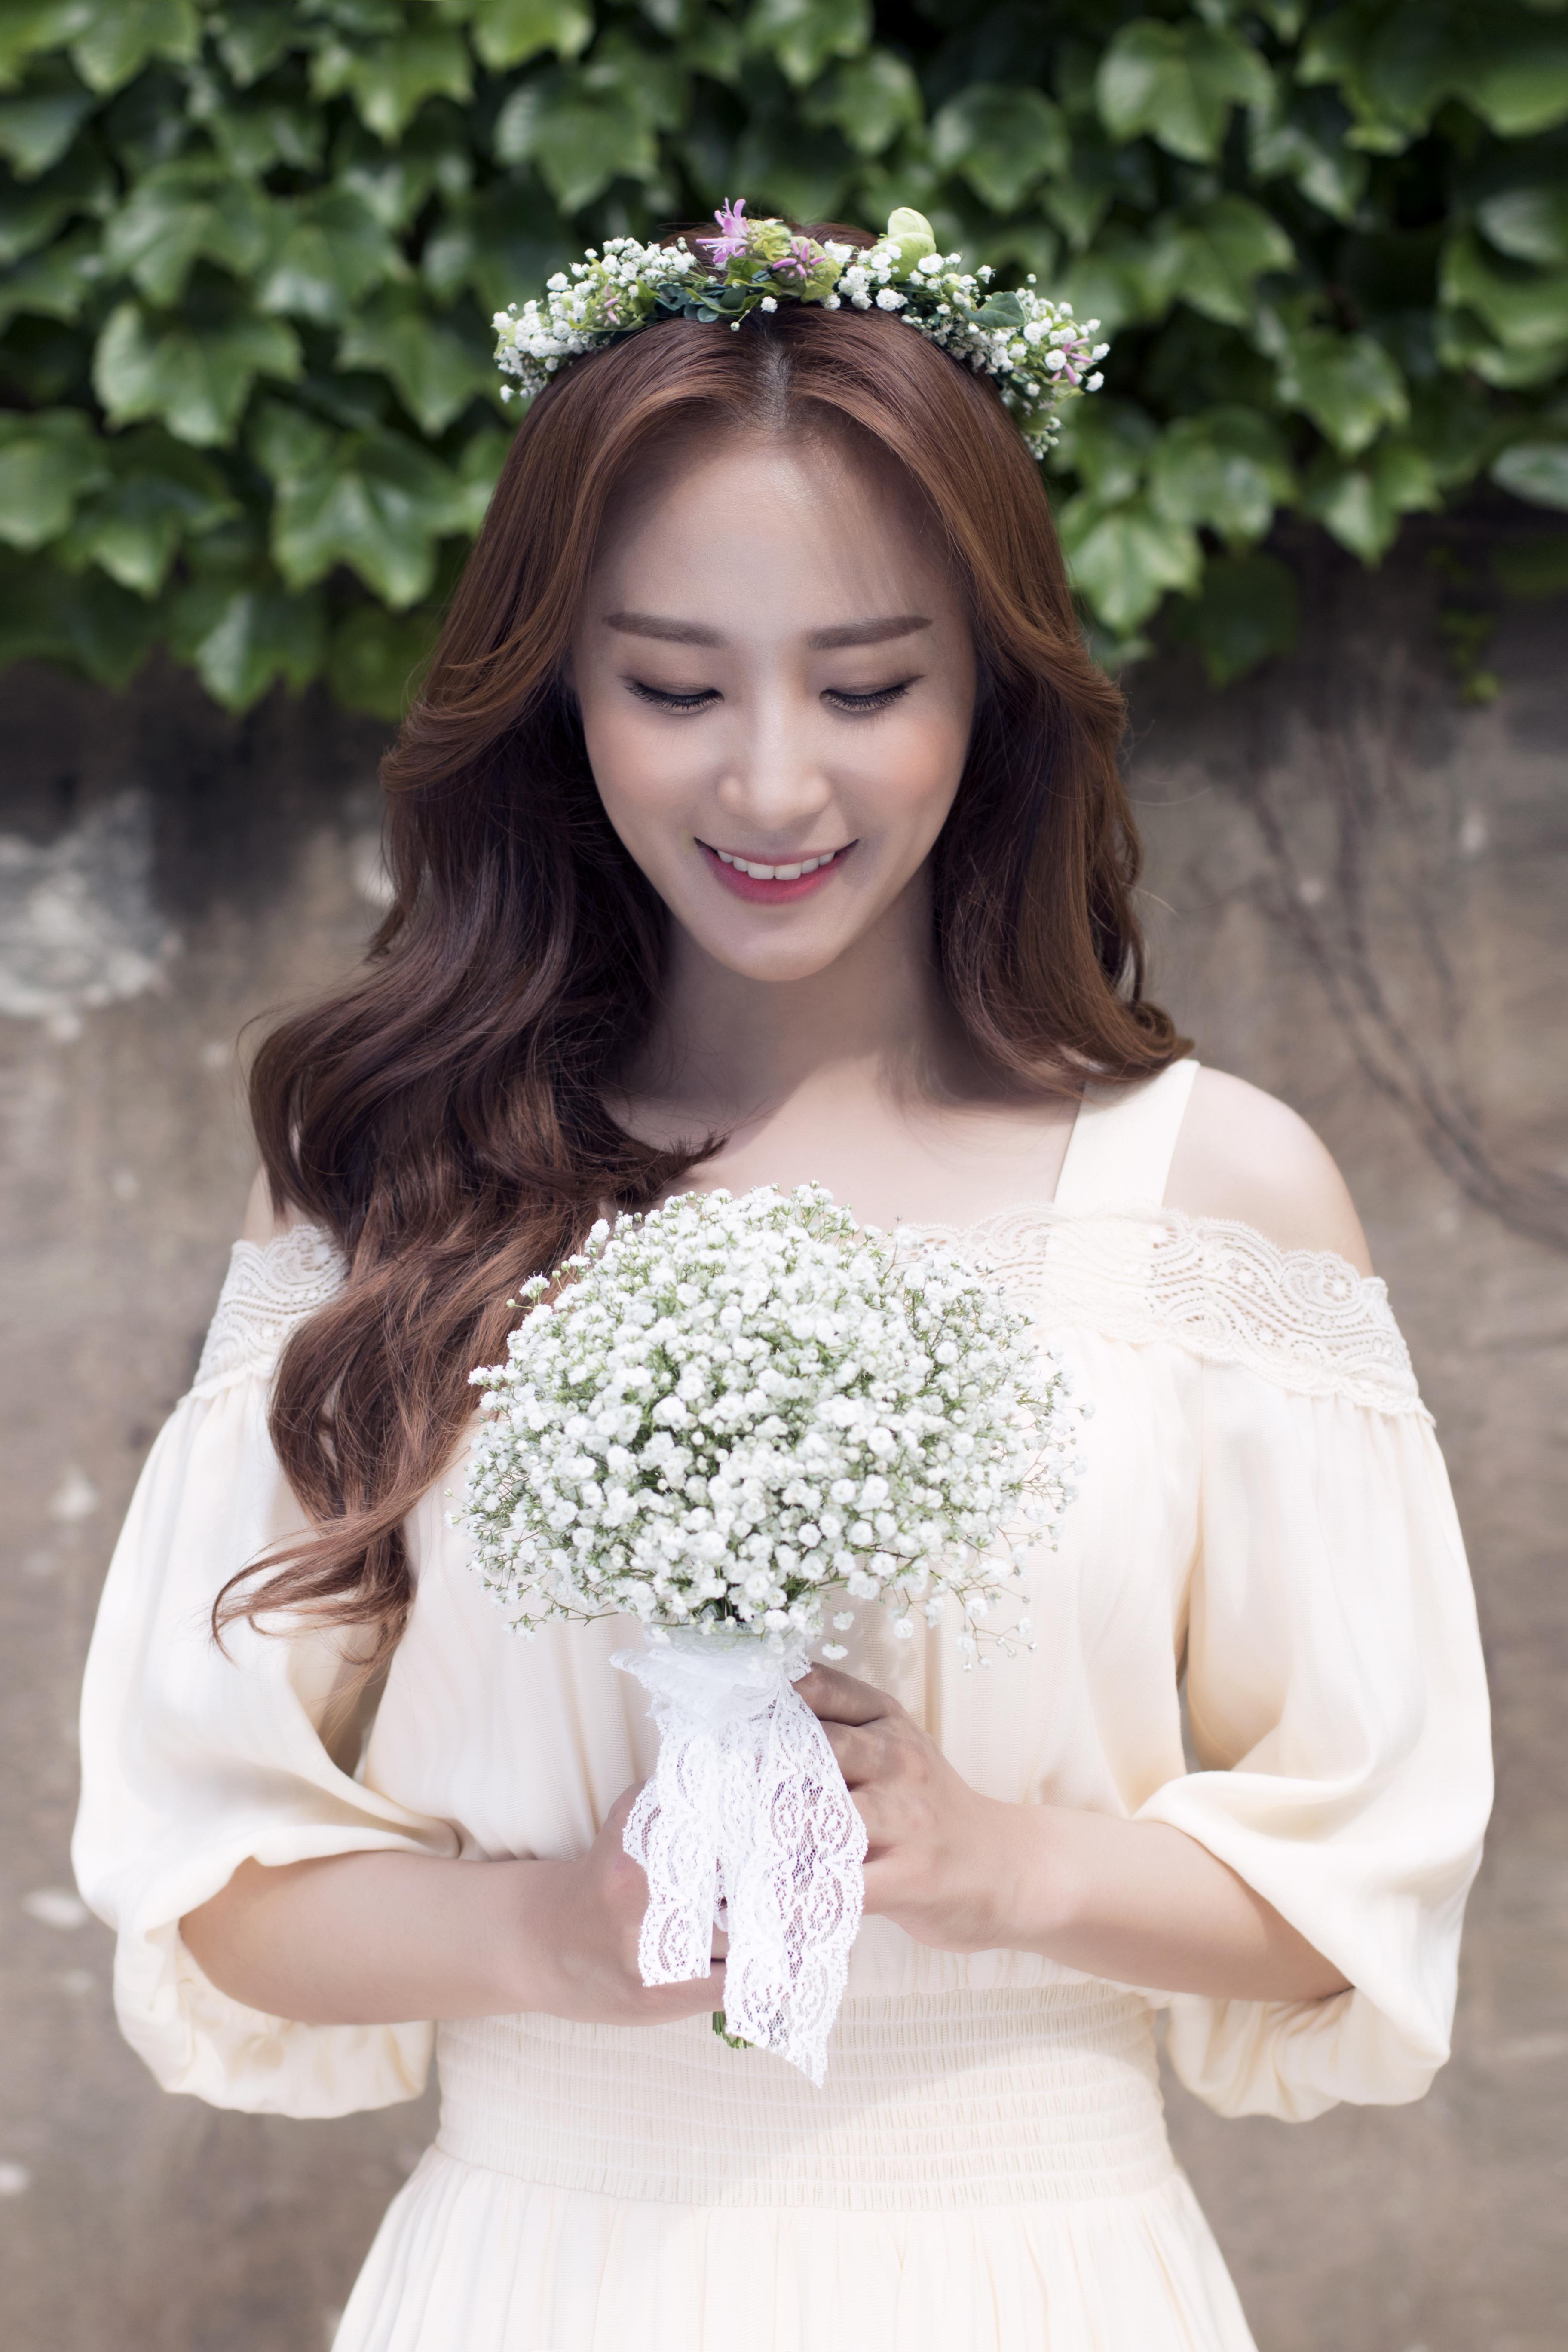 """[독점] MBC 강다솜 아나운서 9월 결혼 """"예비남편? 웃는 모습이 예뻐서 지금도 심쿵해요"""""""